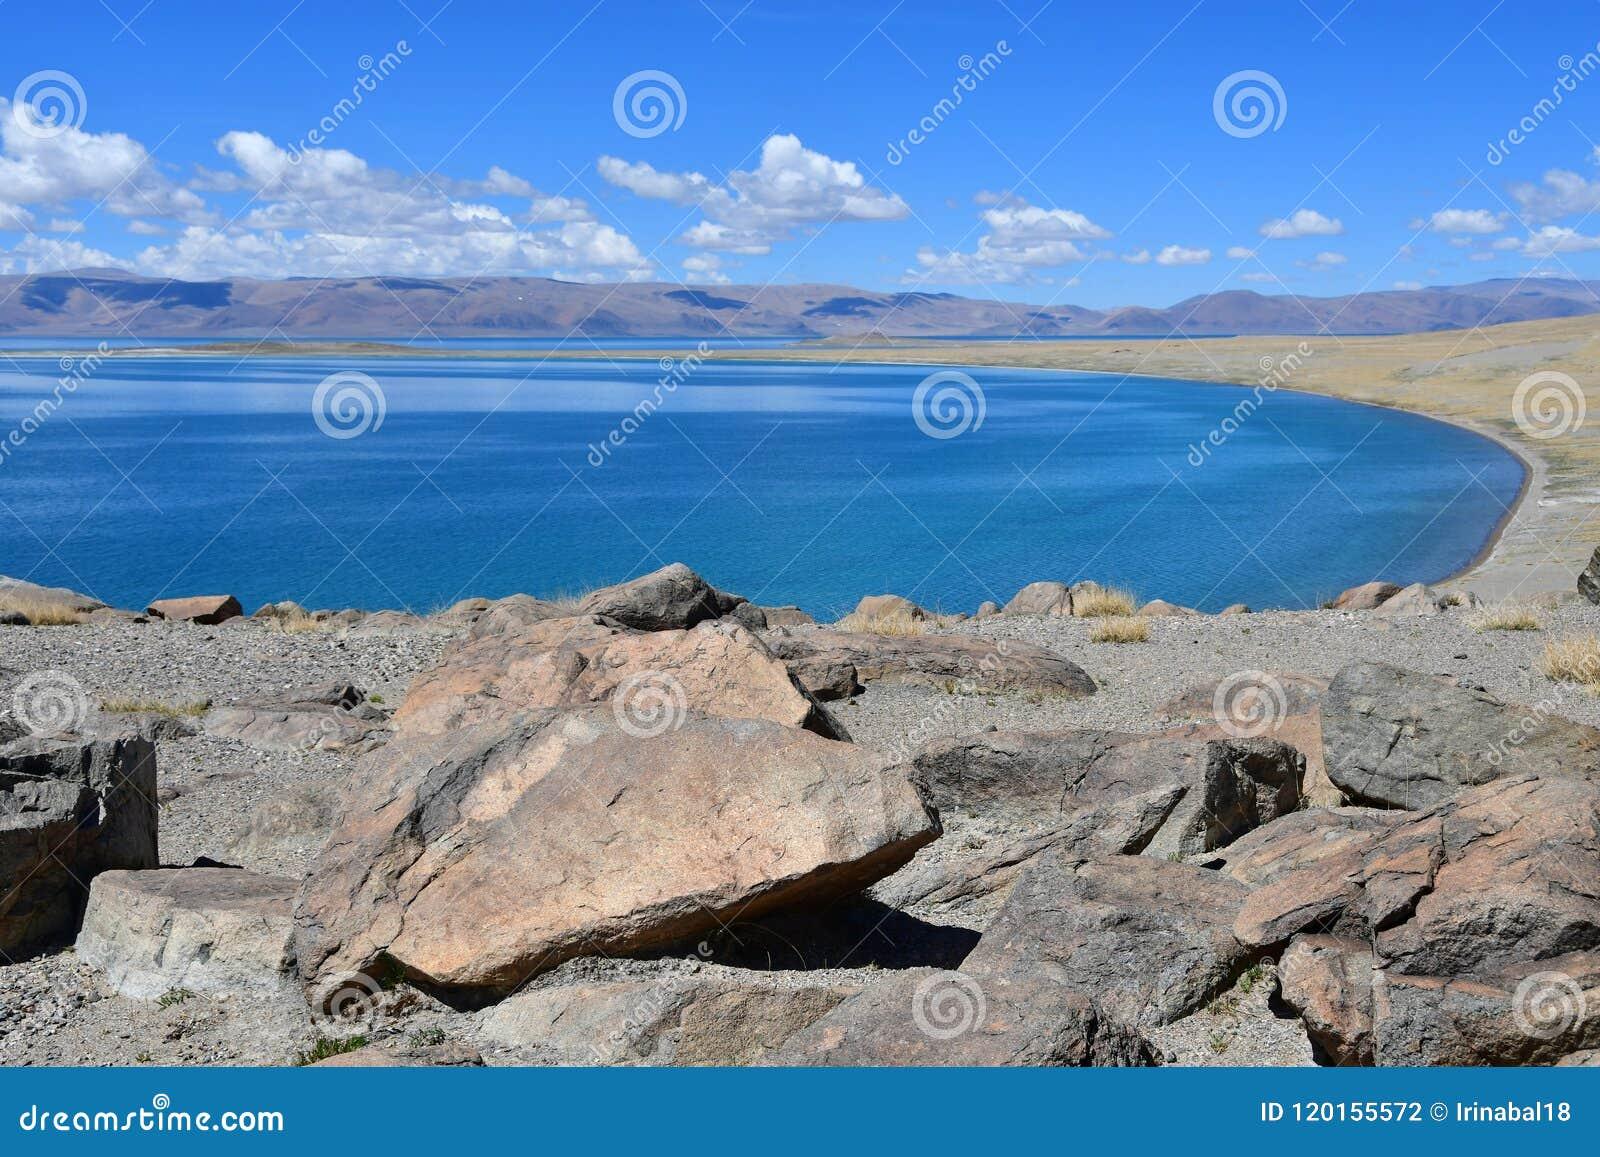 Китай Великие озера Тибета Озеро Teri Tashi Namtso в солнечном летнем дне